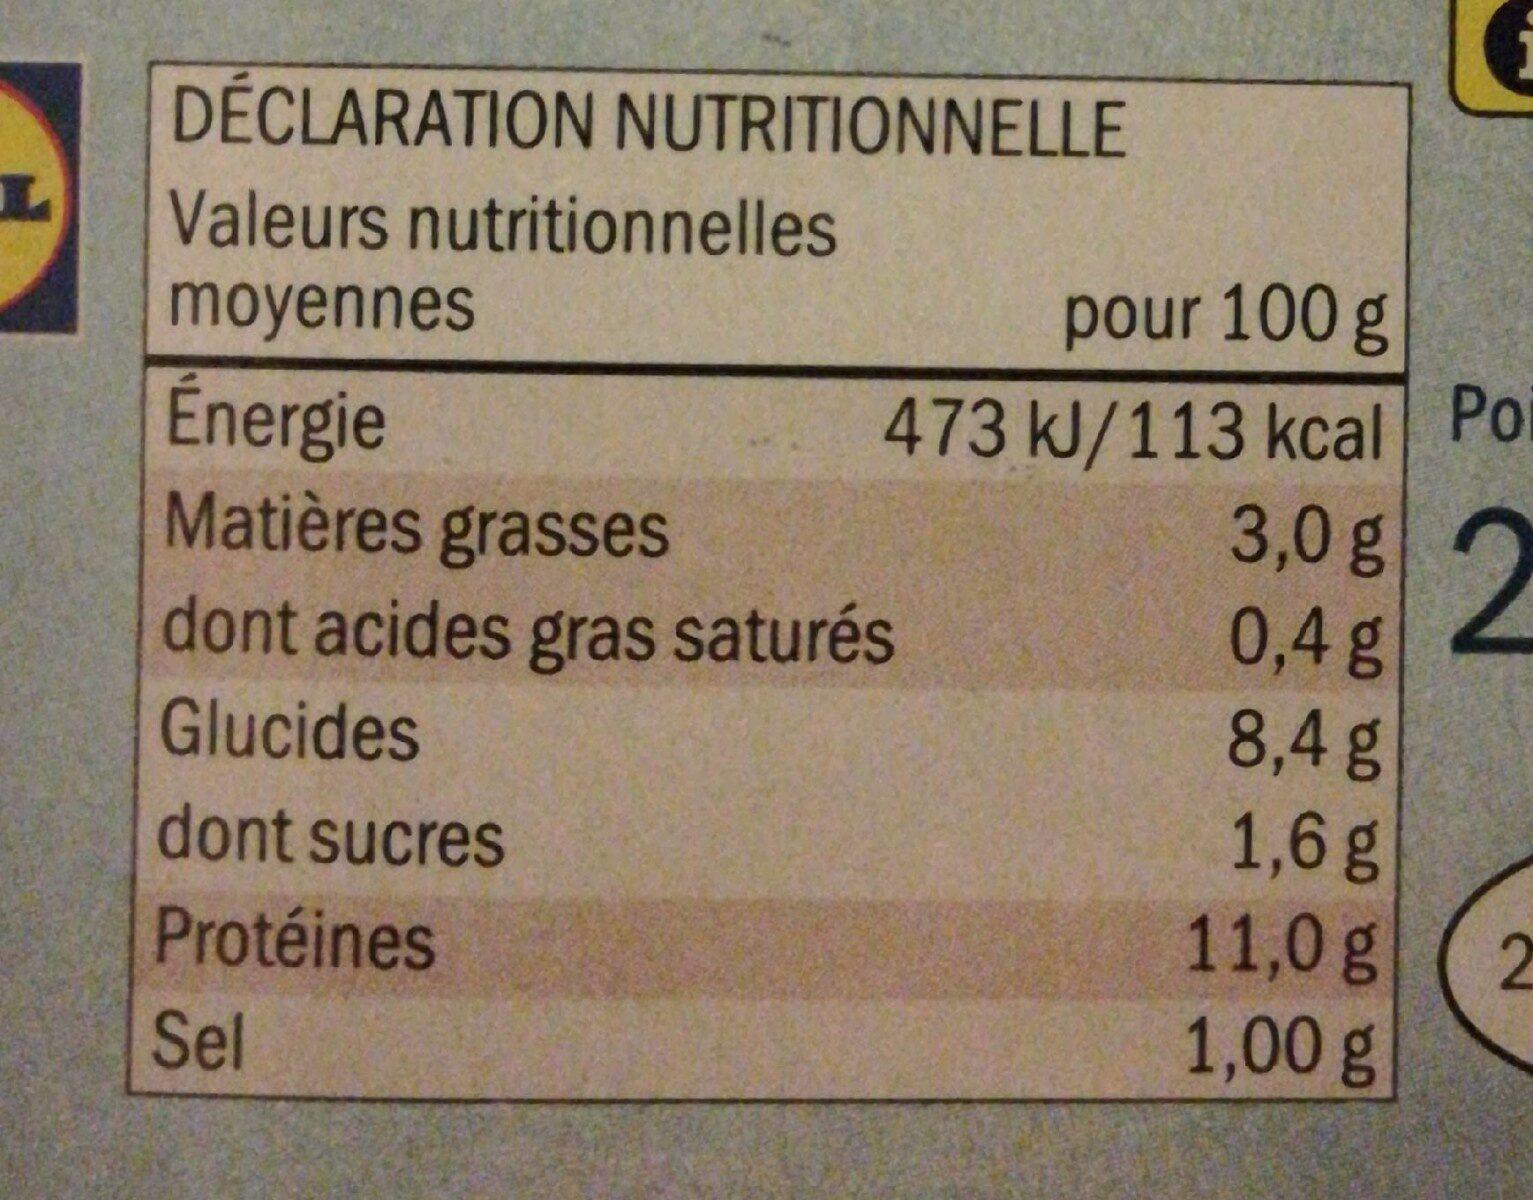 Salade mexicaine - Voedingswaarden